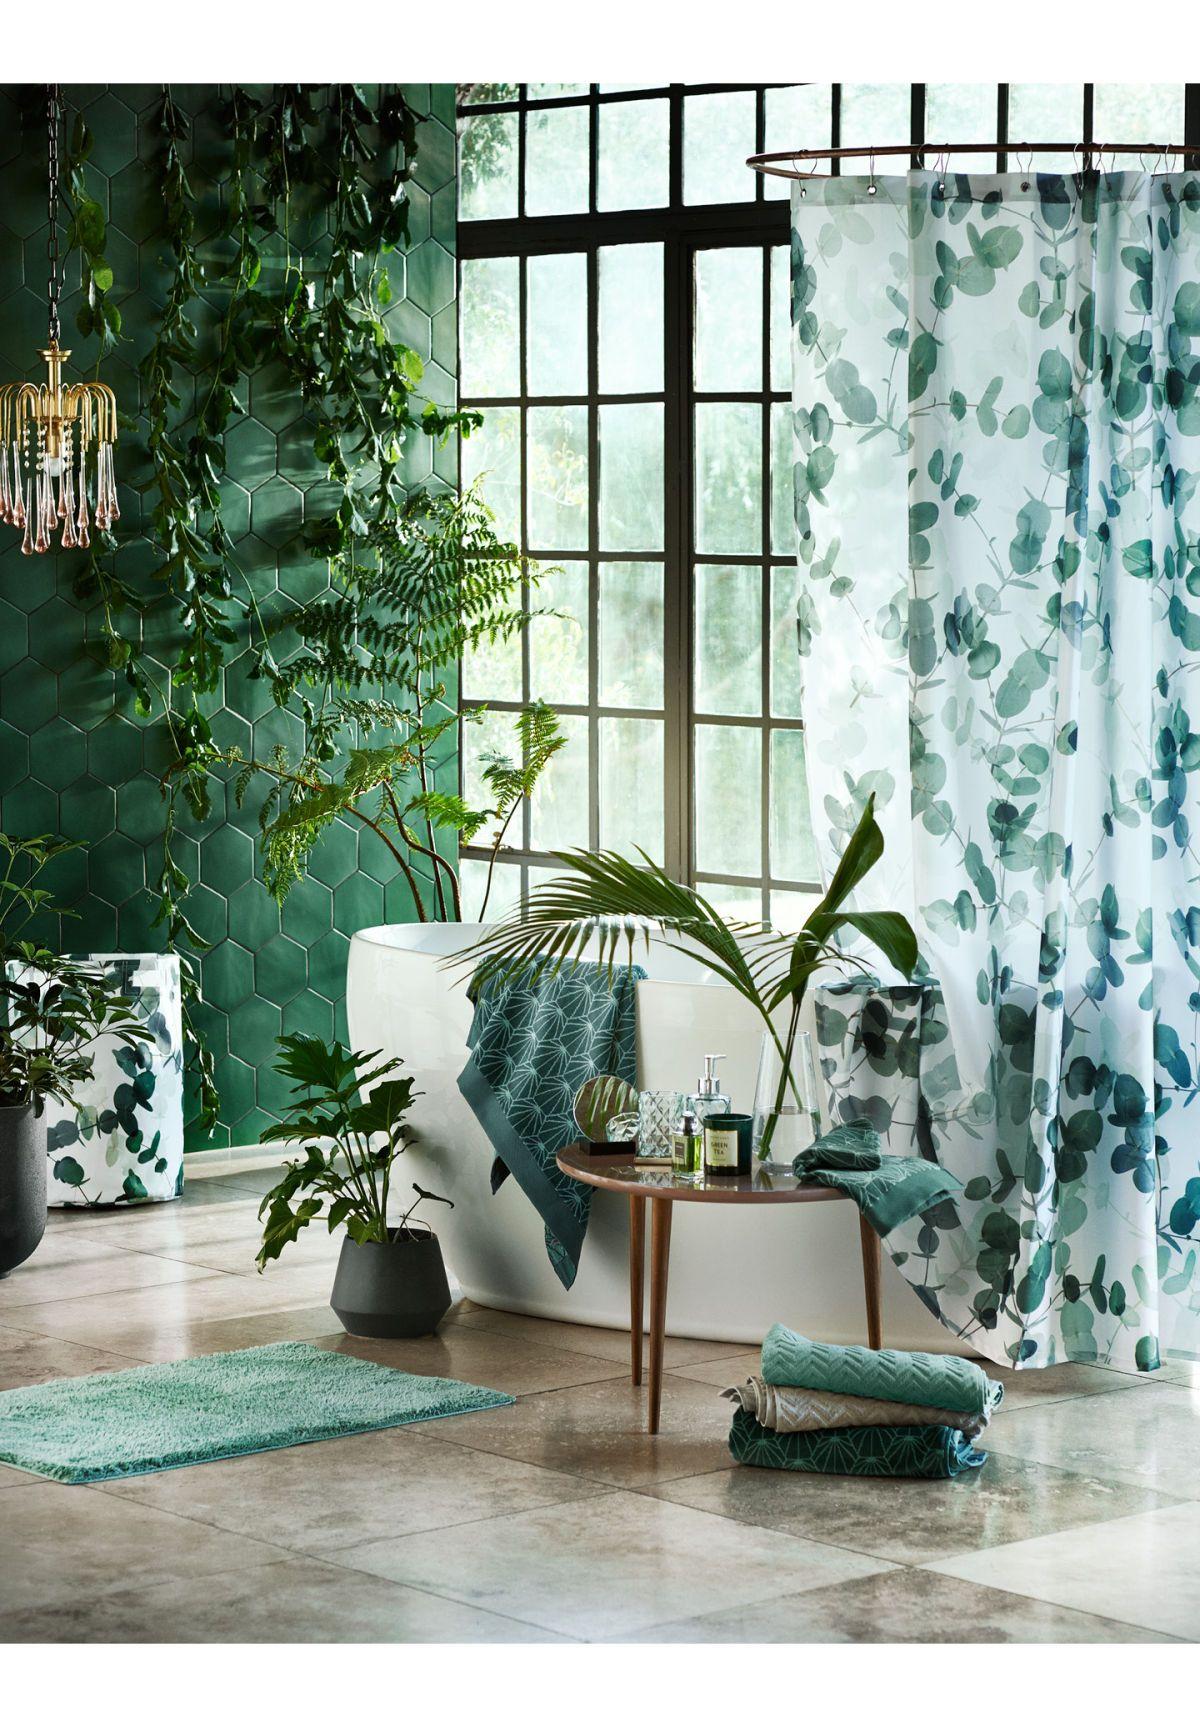 Vrolijk Elke Ruimte Op Met Nieuwe Woonaccessoires En Groene Tinten Prachtige Badkamers Thuis Thuisdecoratie